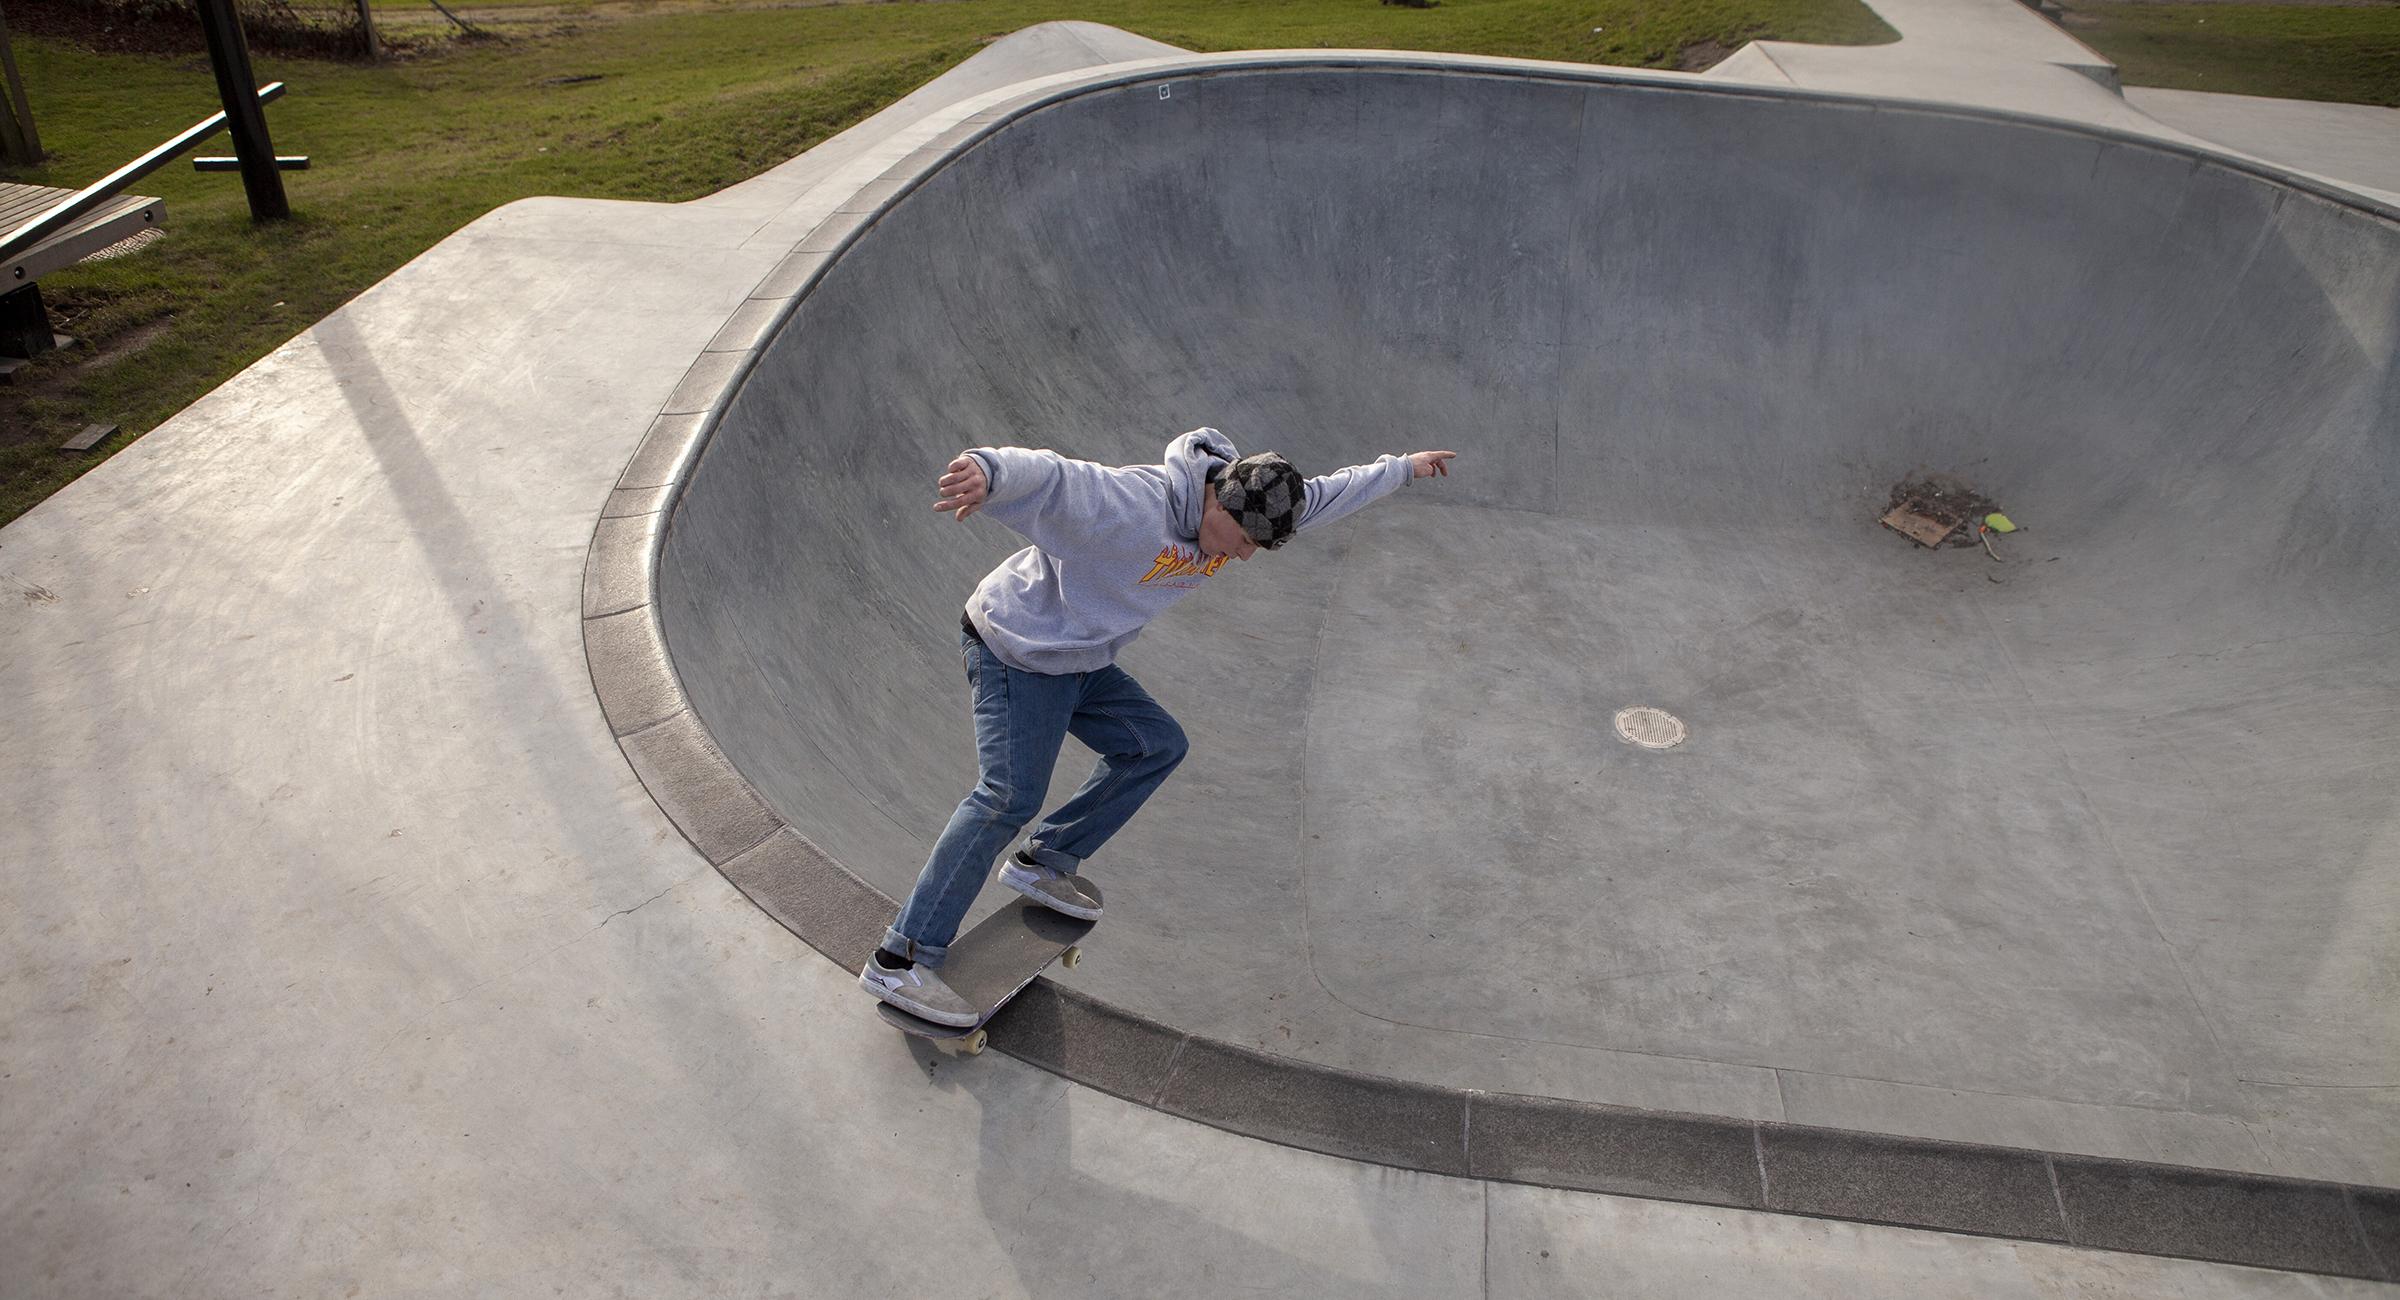 En skater lipslider i hjørnet af en betonbowl